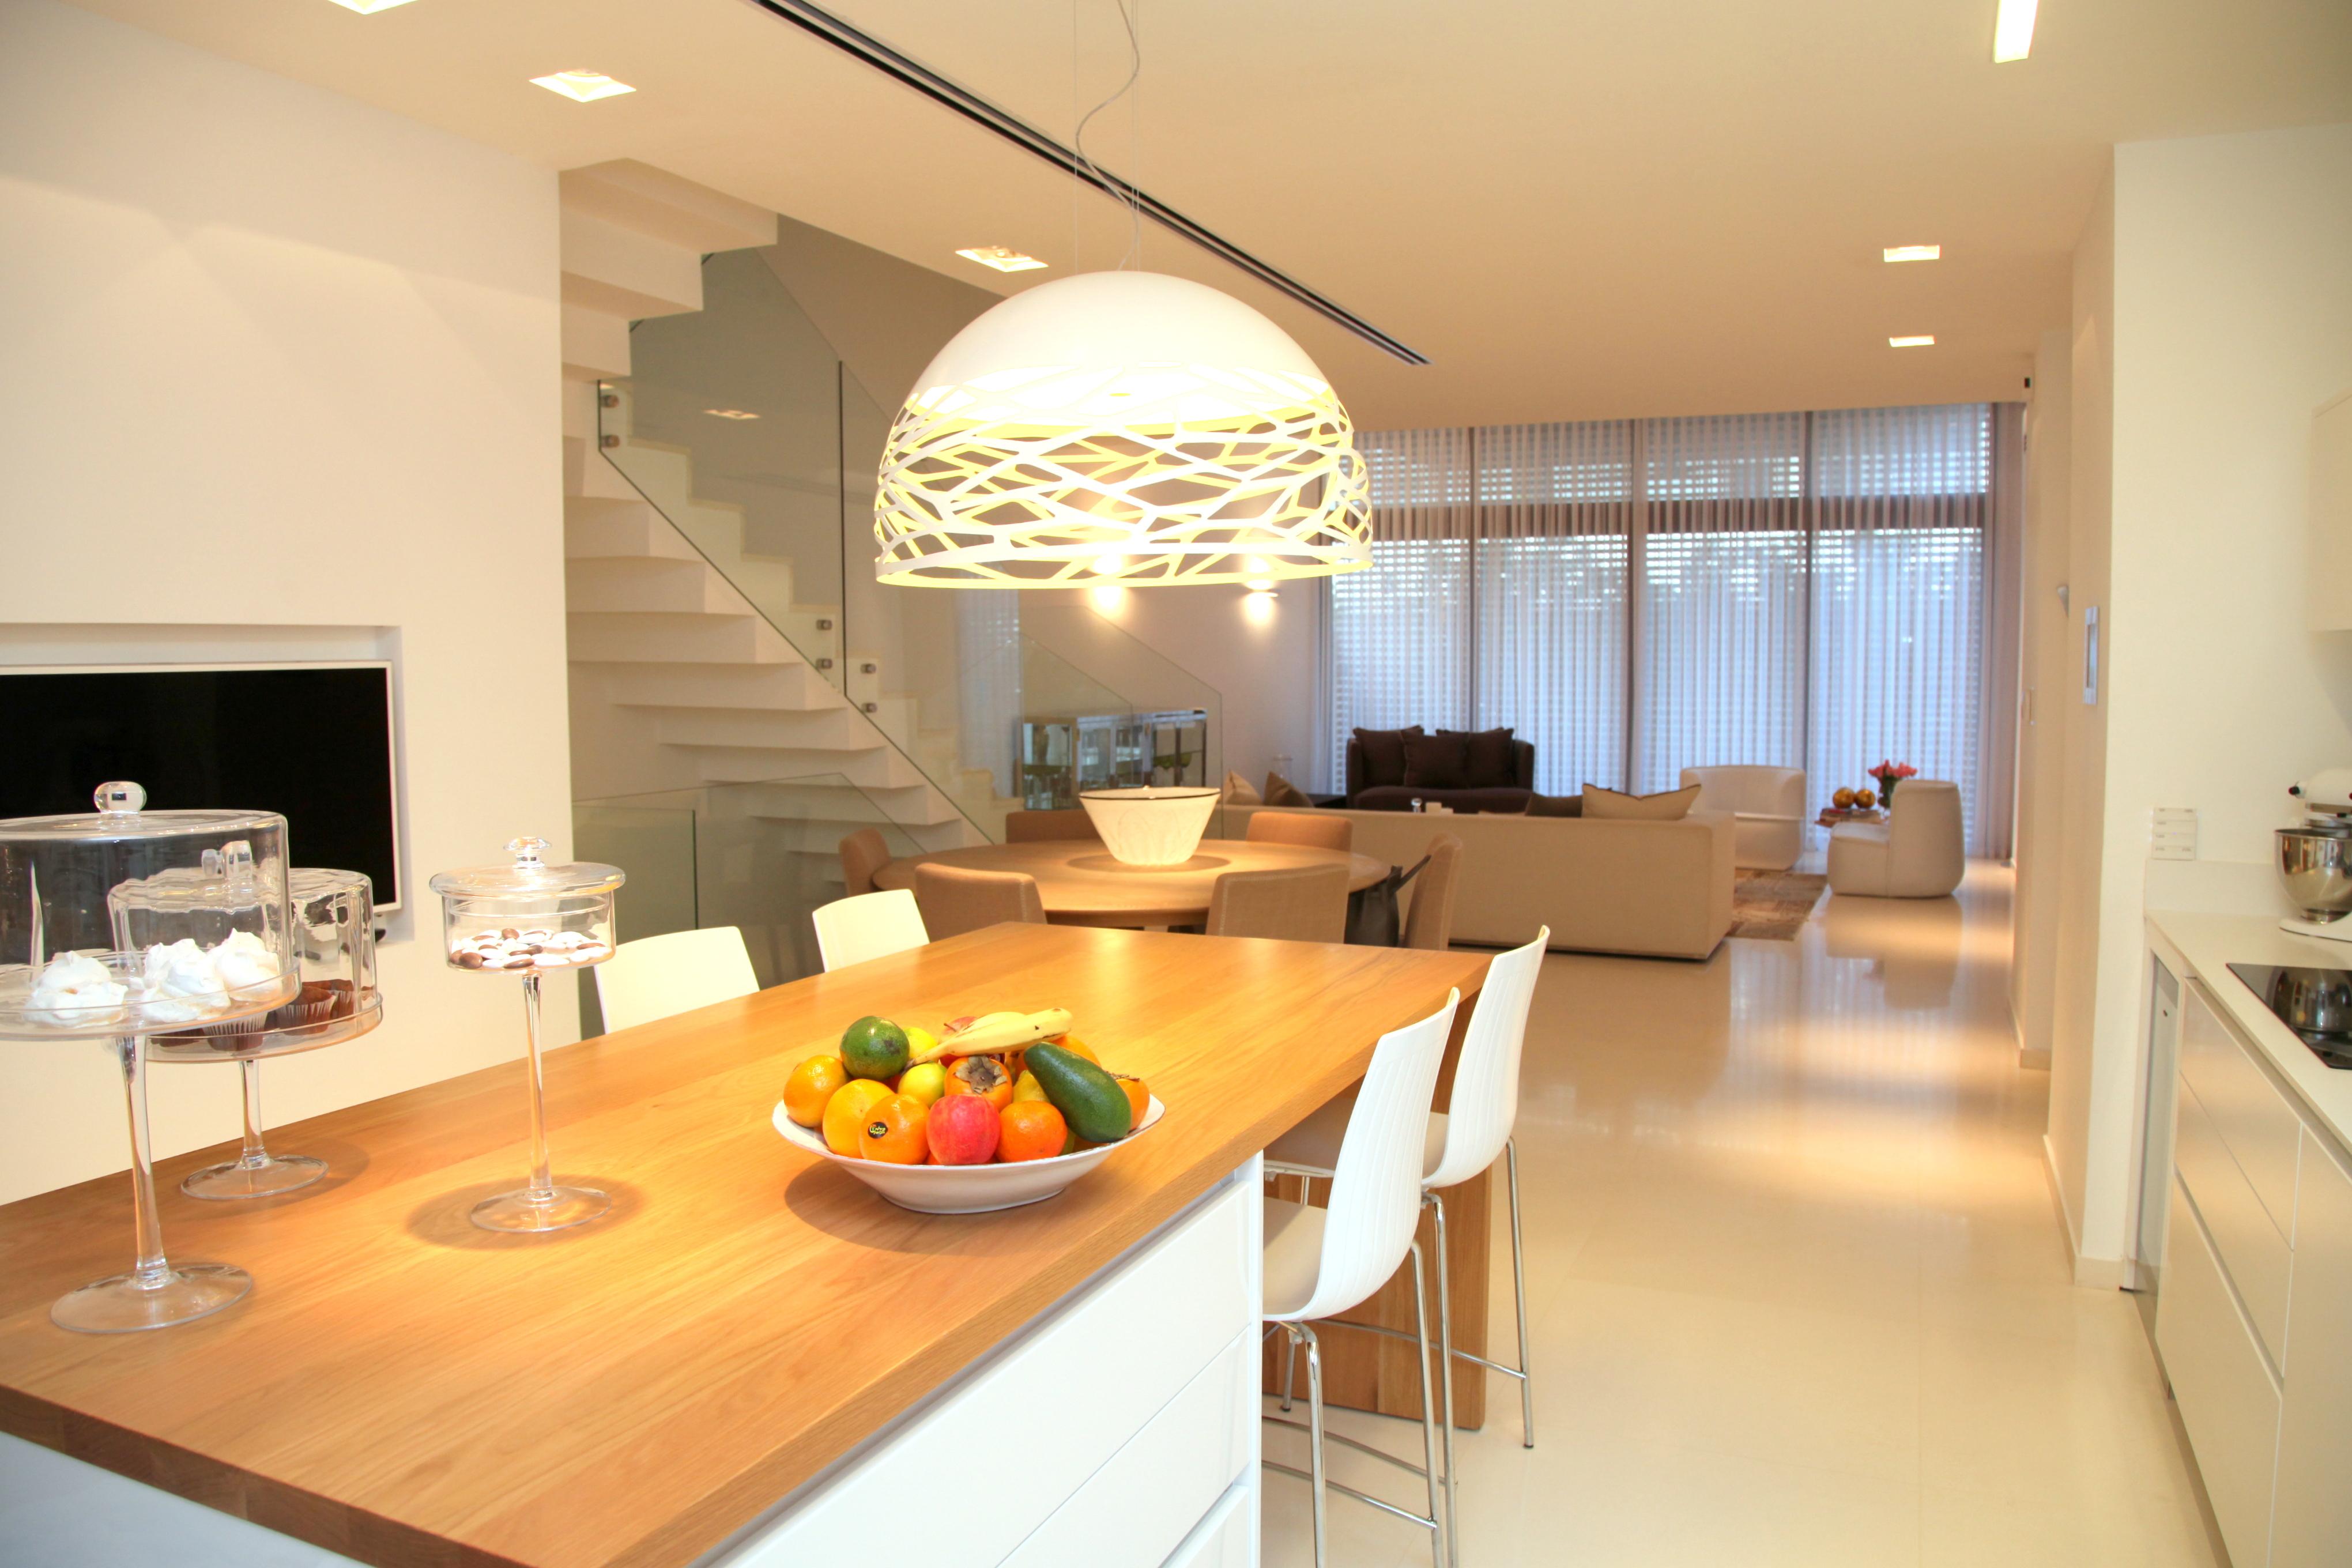 מודרניסטית למכירה, דו משפחתי, 6 חדרים, בהוד השרון | שרביט נכסים - ייעוץ SF-95